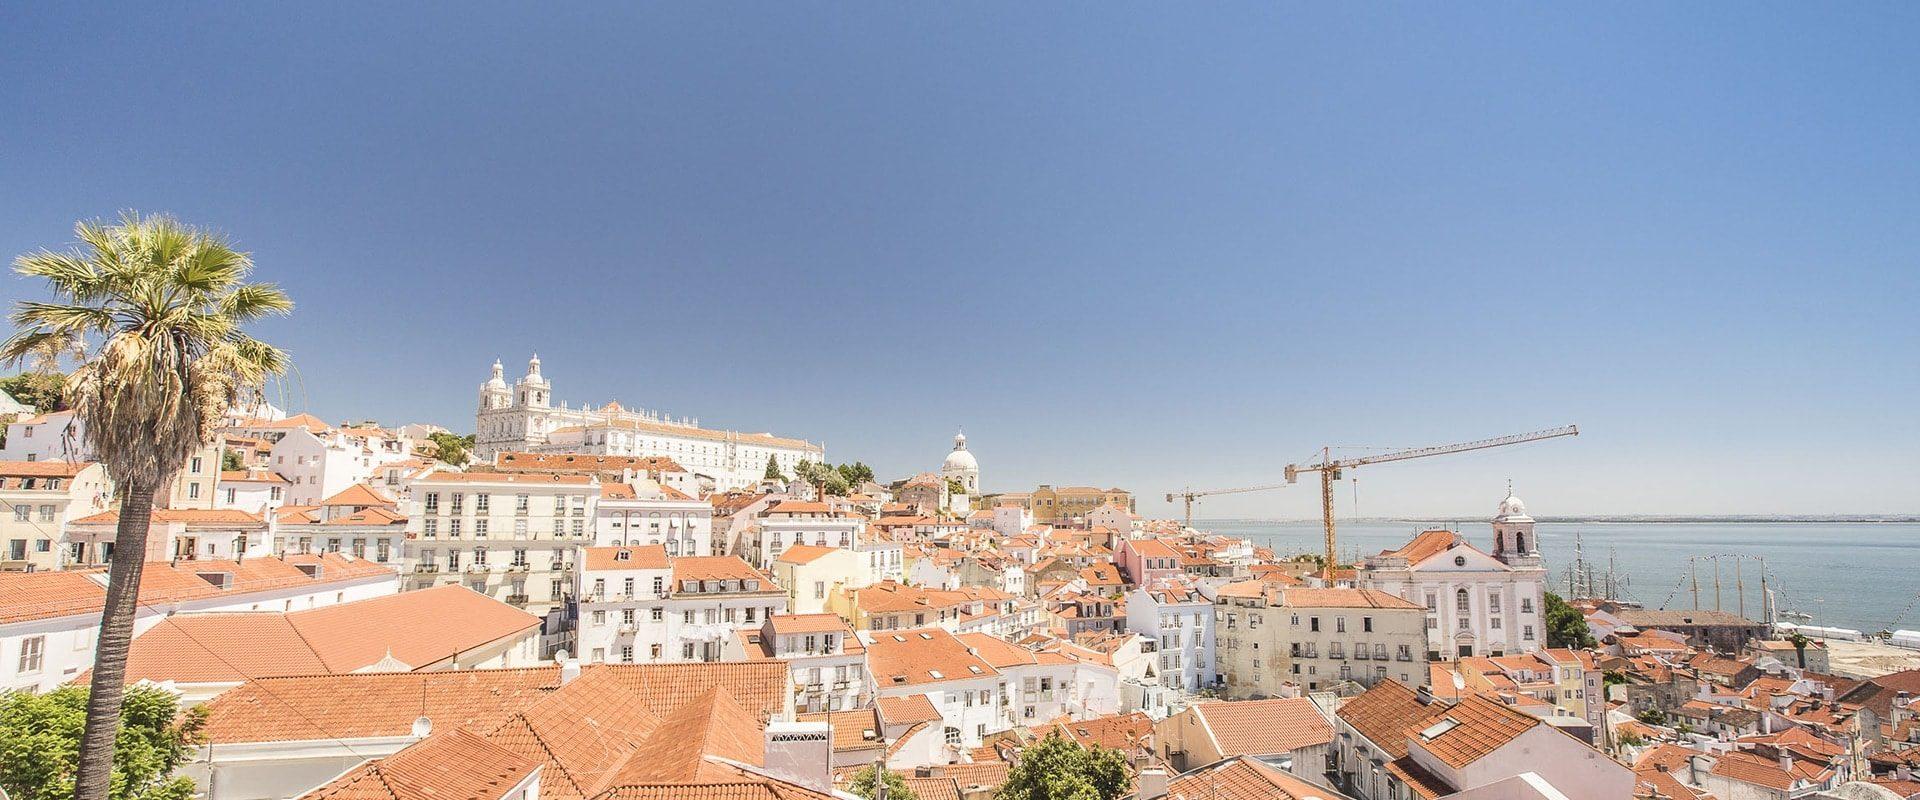 Flâner Dans Le Quartier De L'Alfama à Lisbonne